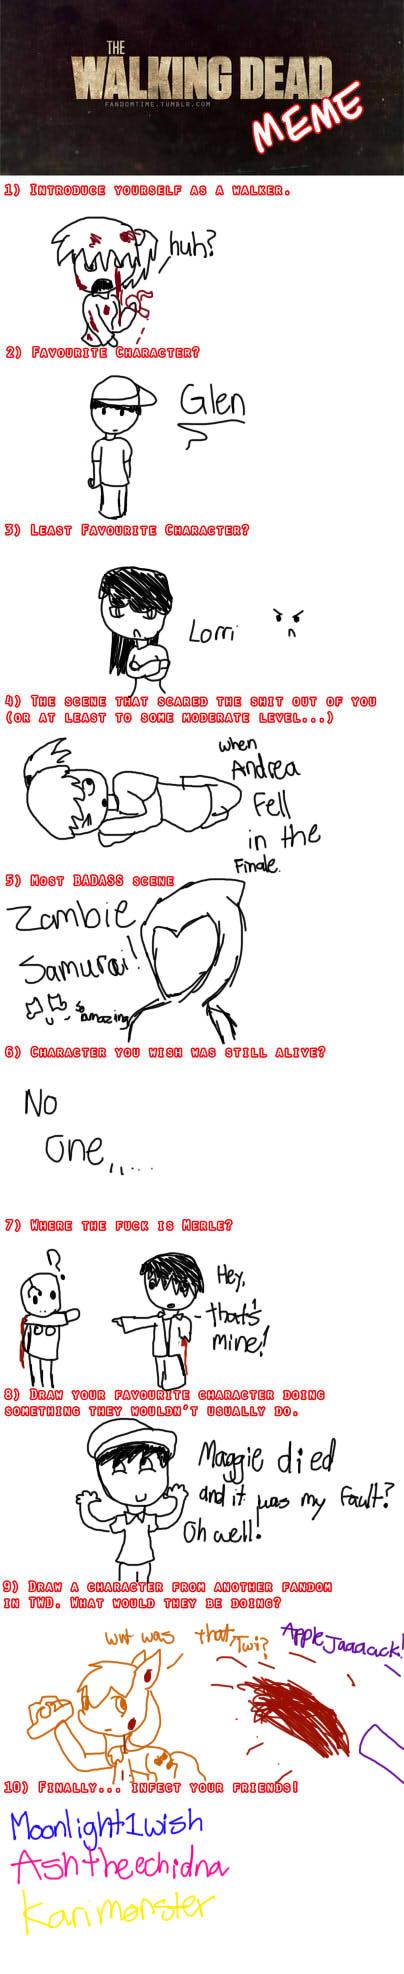 Walking Dead meme by SevurXKur